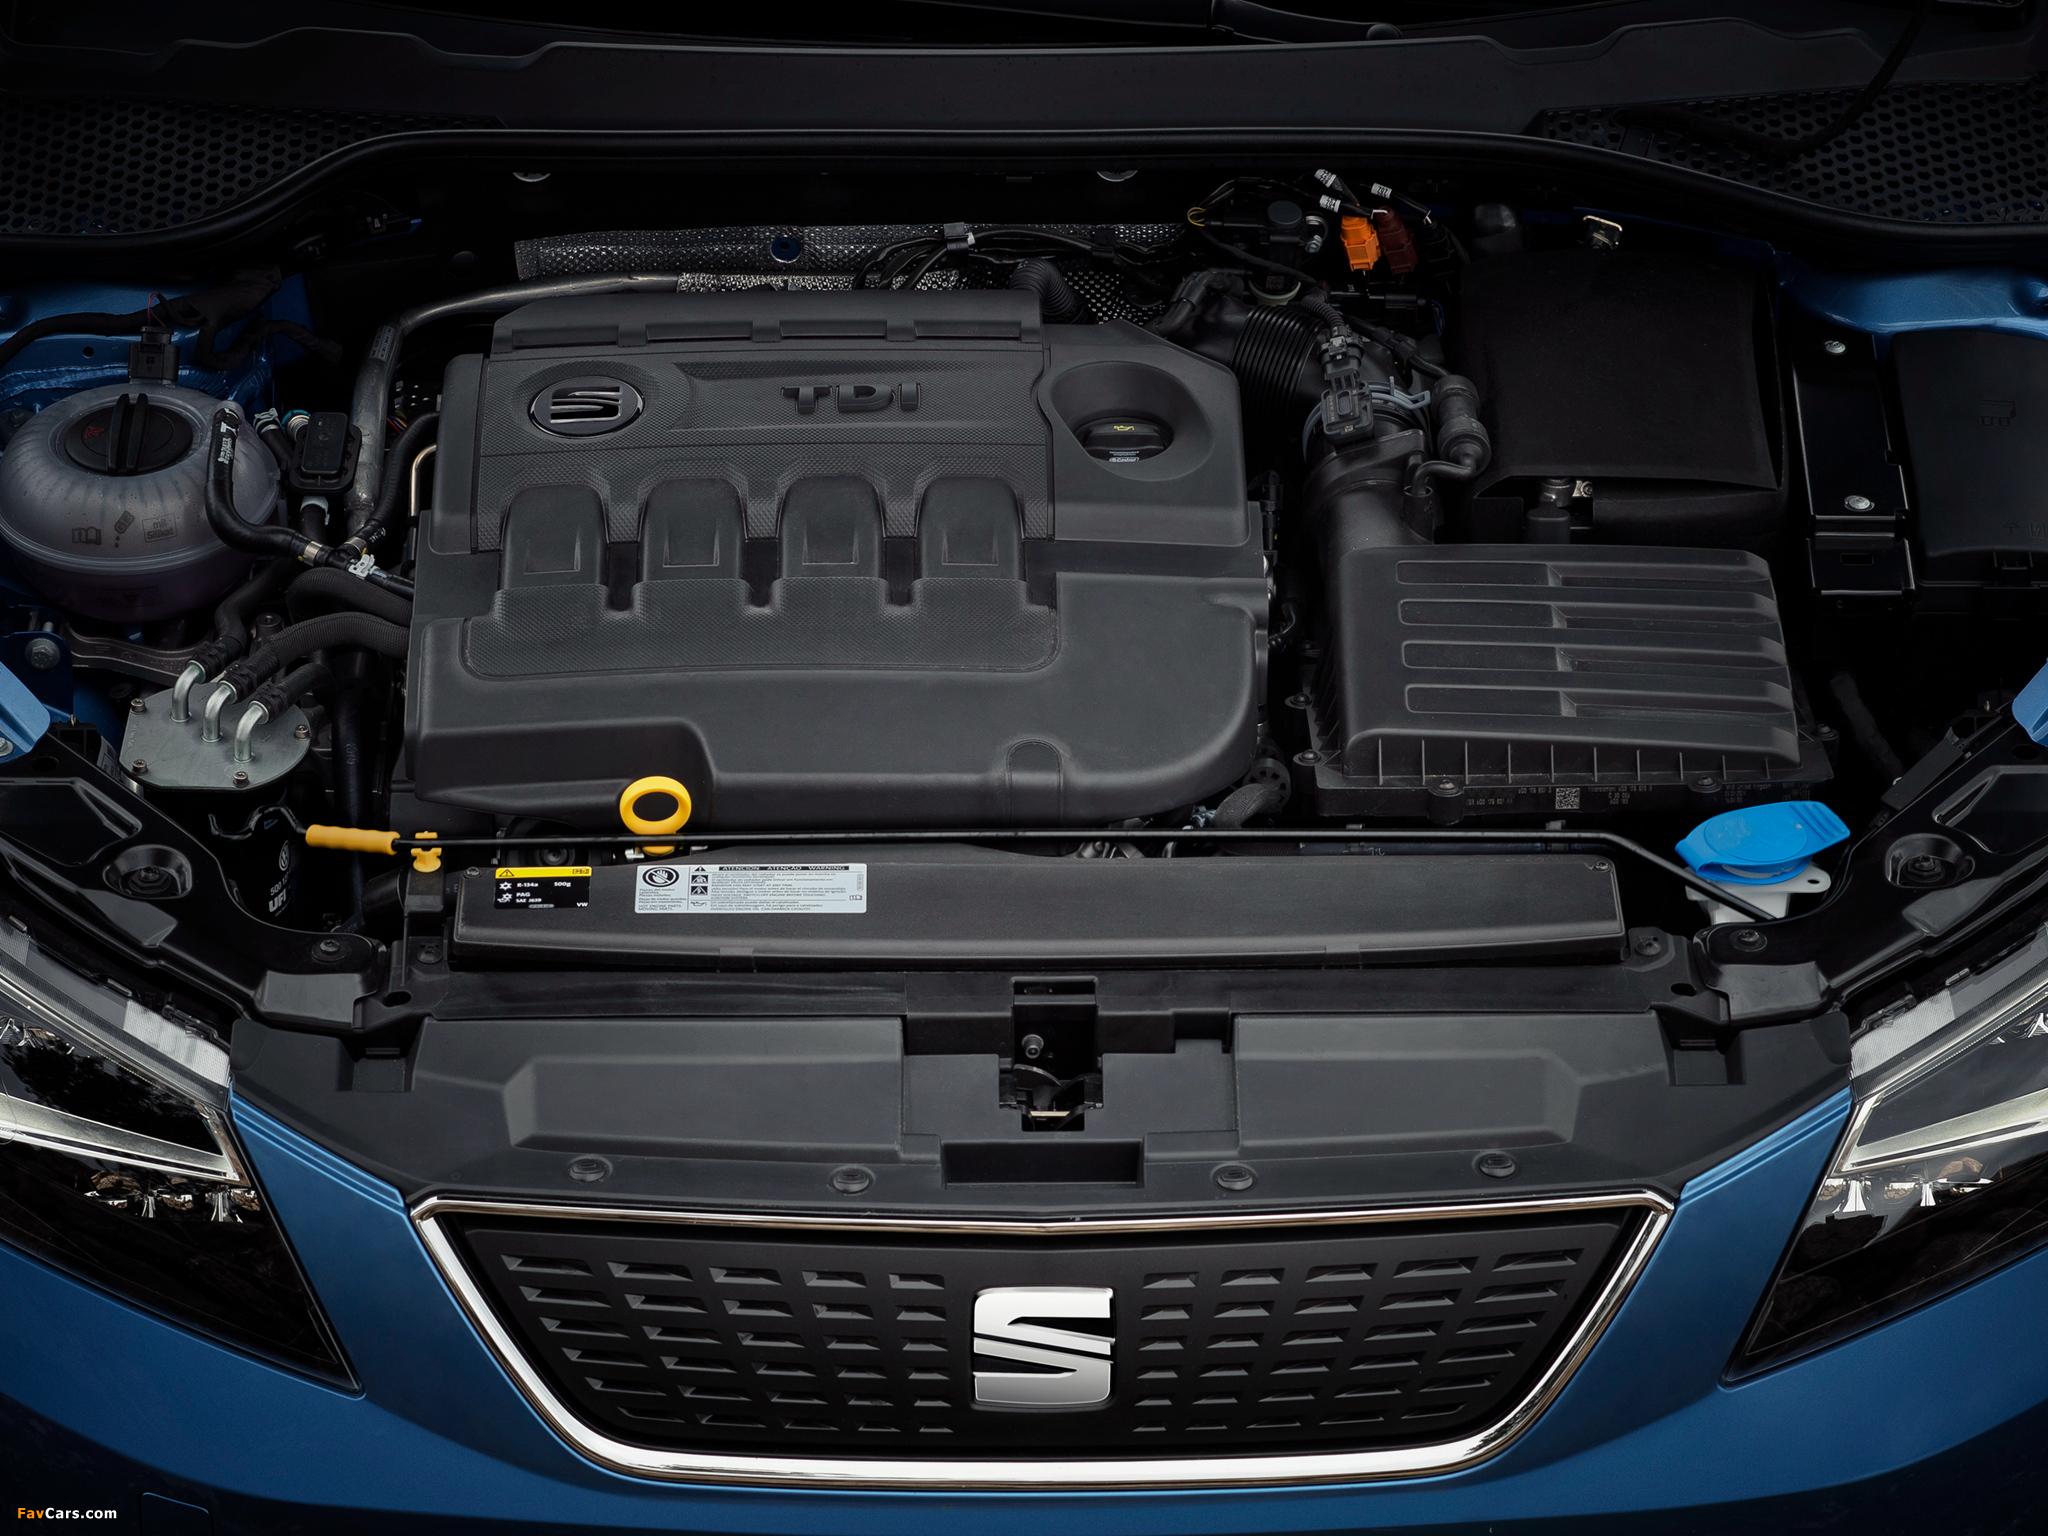 Seat Leon Ecomotive 2013 images (2048 x 1536)